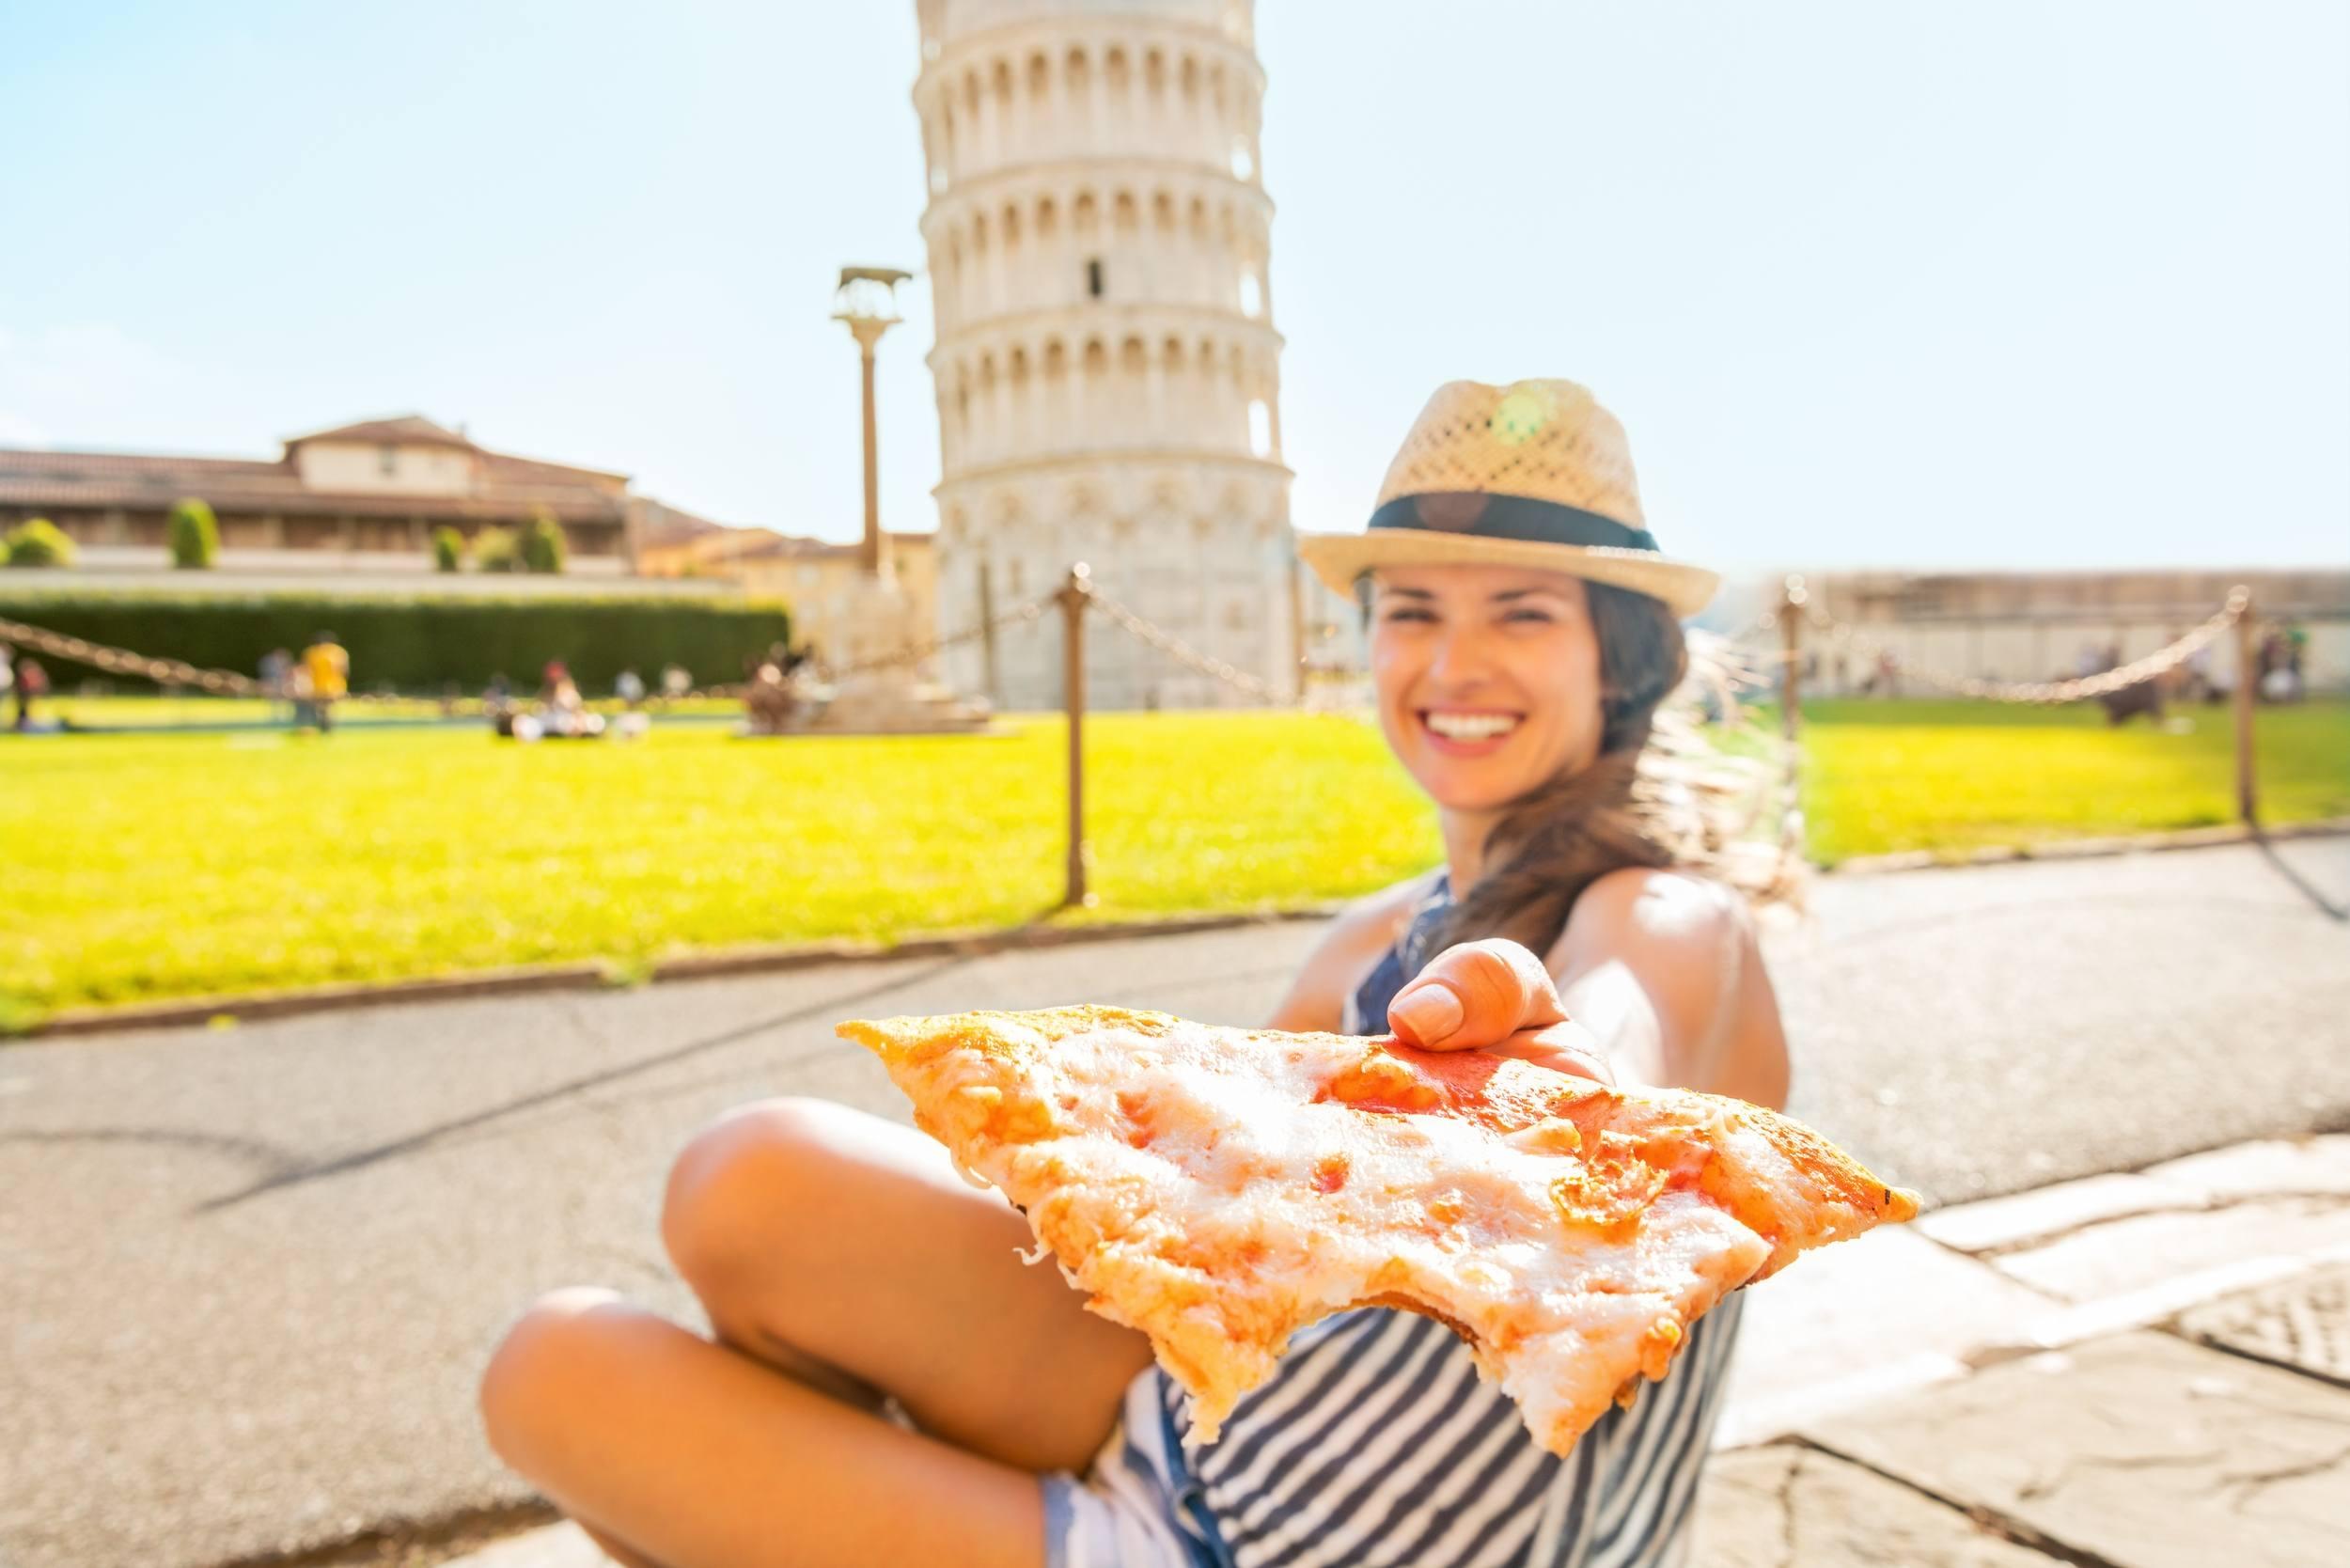 Pizza in Pisa